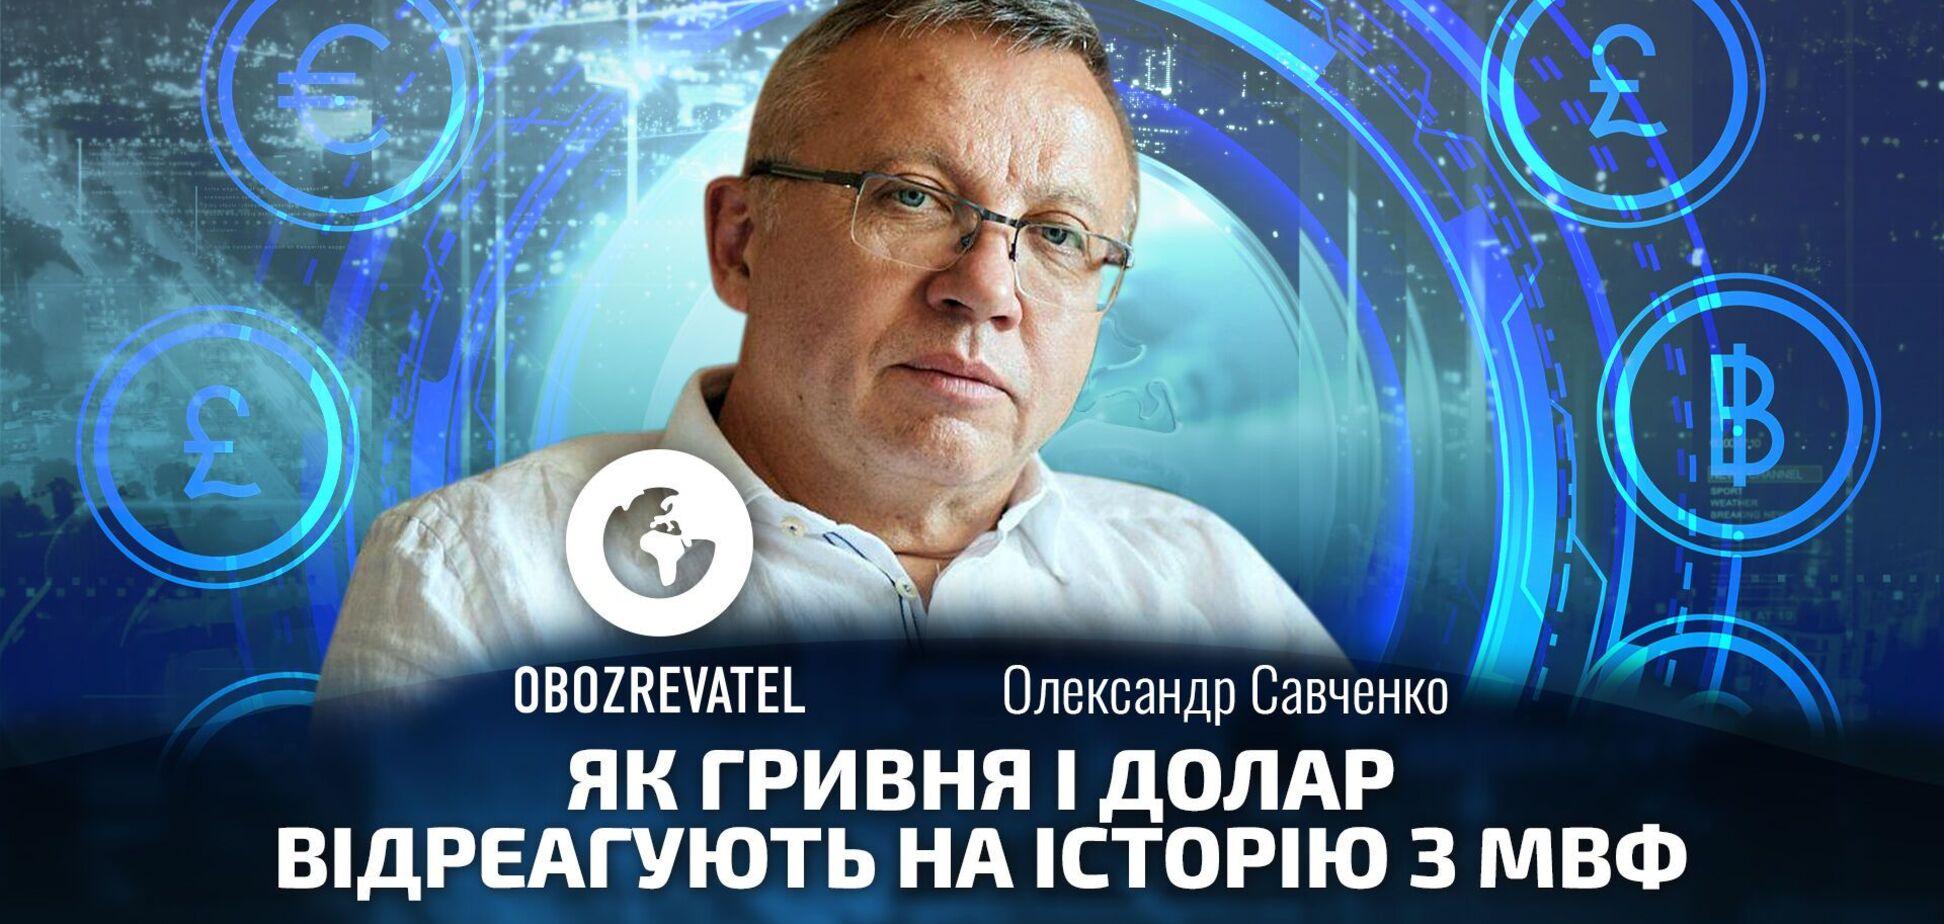 Савченко: як долар відреагує на історію з МВФ